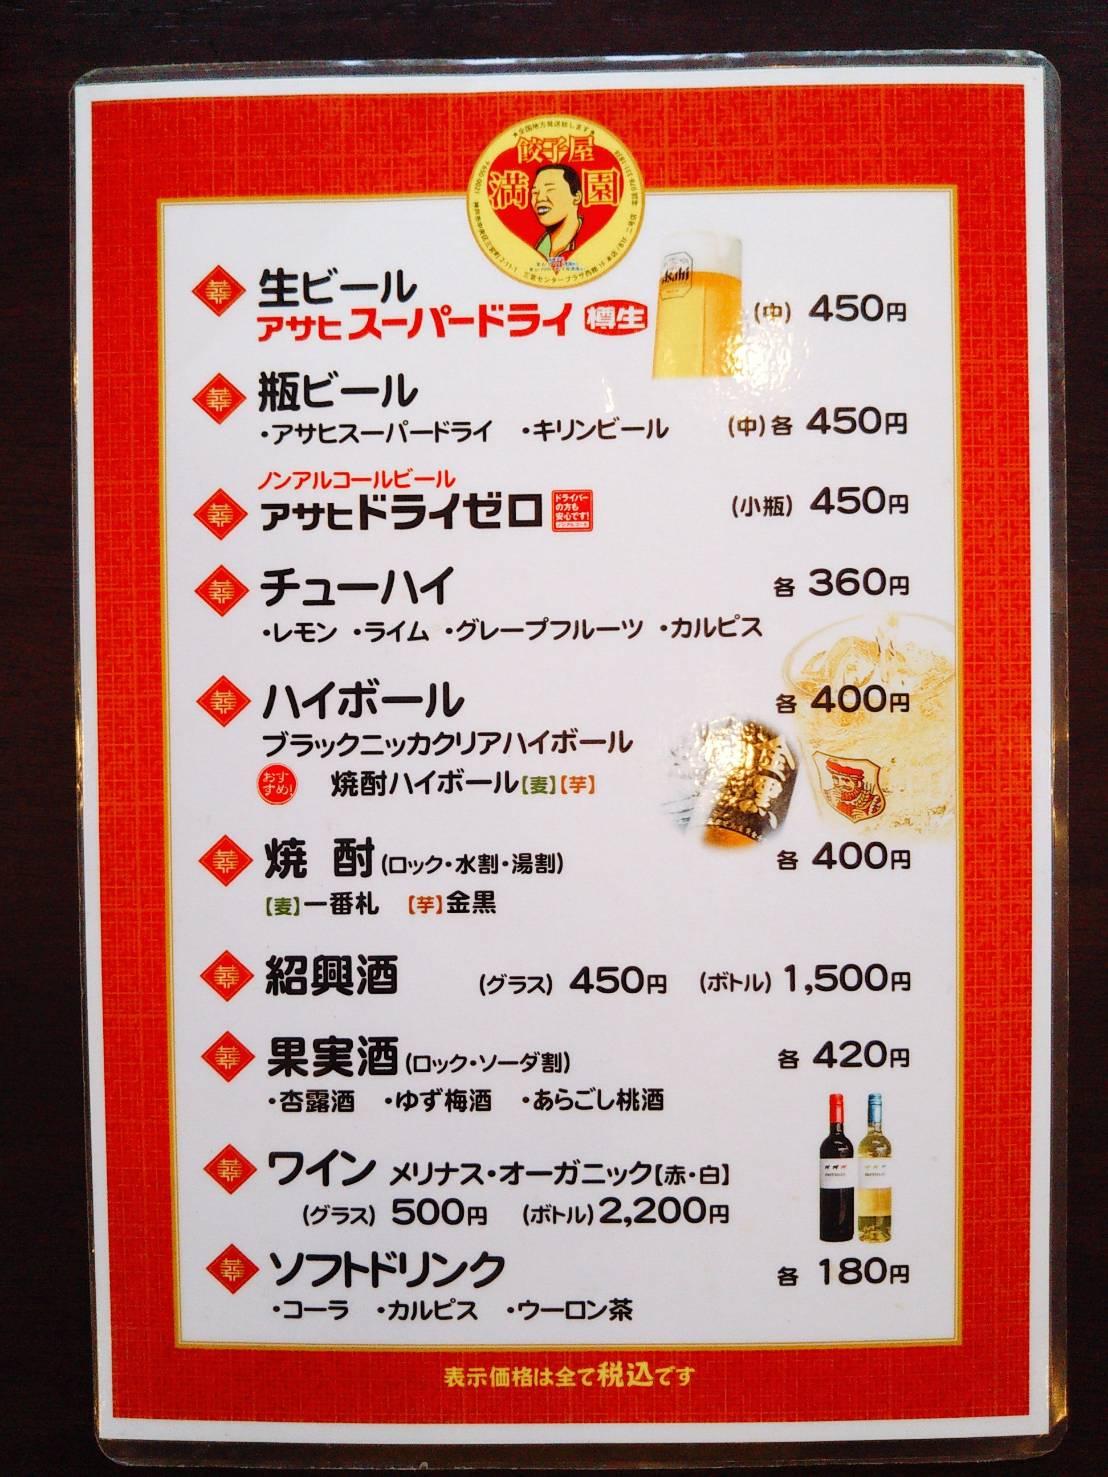 アルコールメニュー表